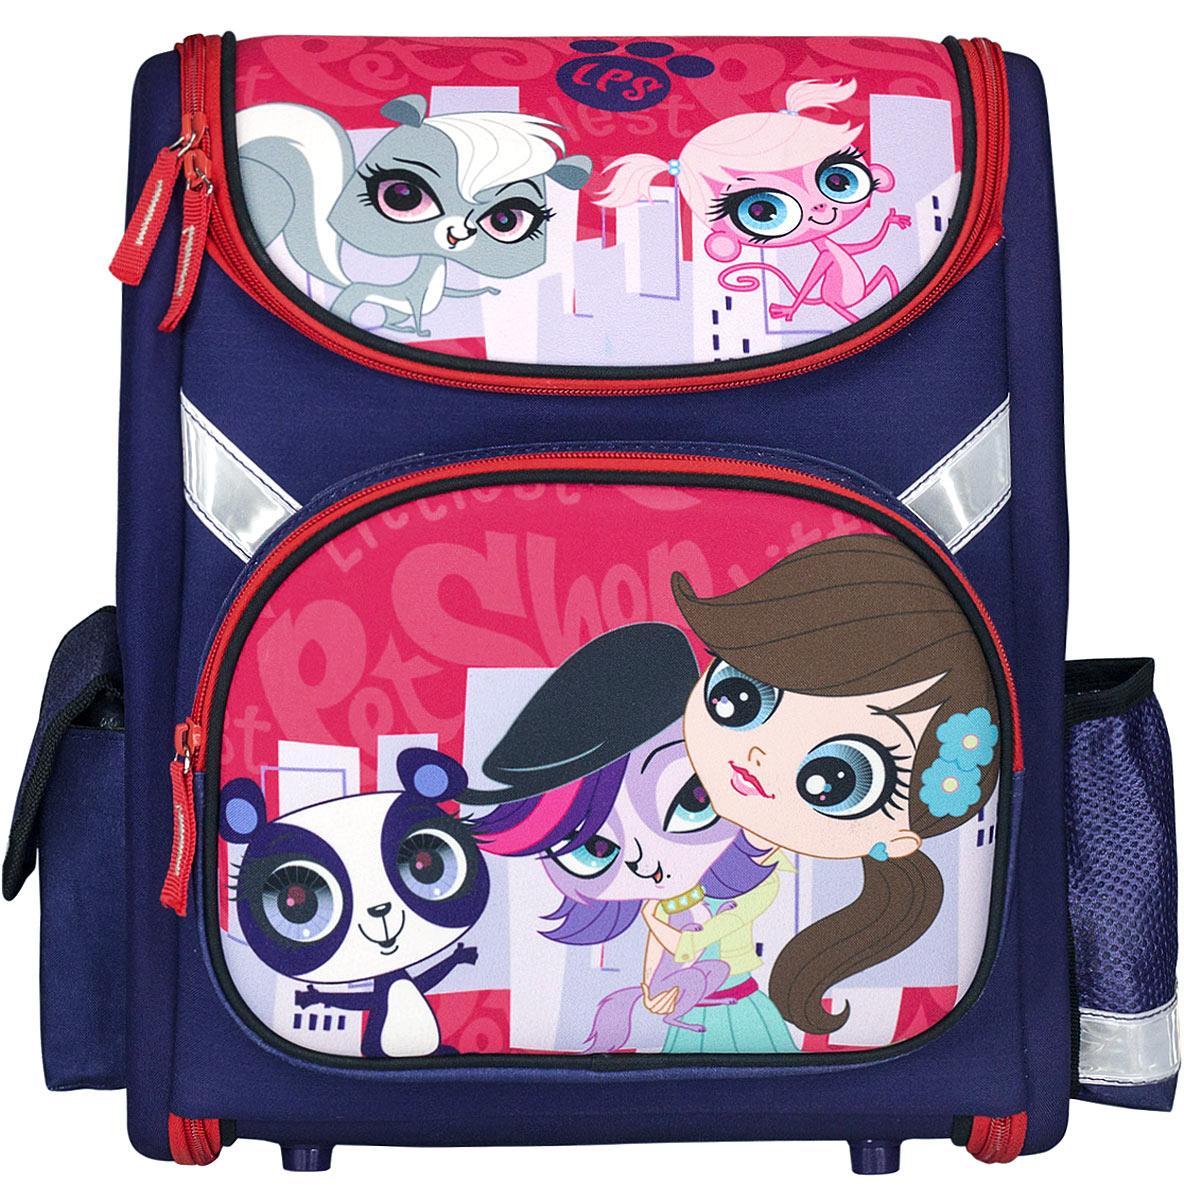 Ранец школьный Littlest Pet Shop ранец kite kite ранец школьный 529 каркасный speed